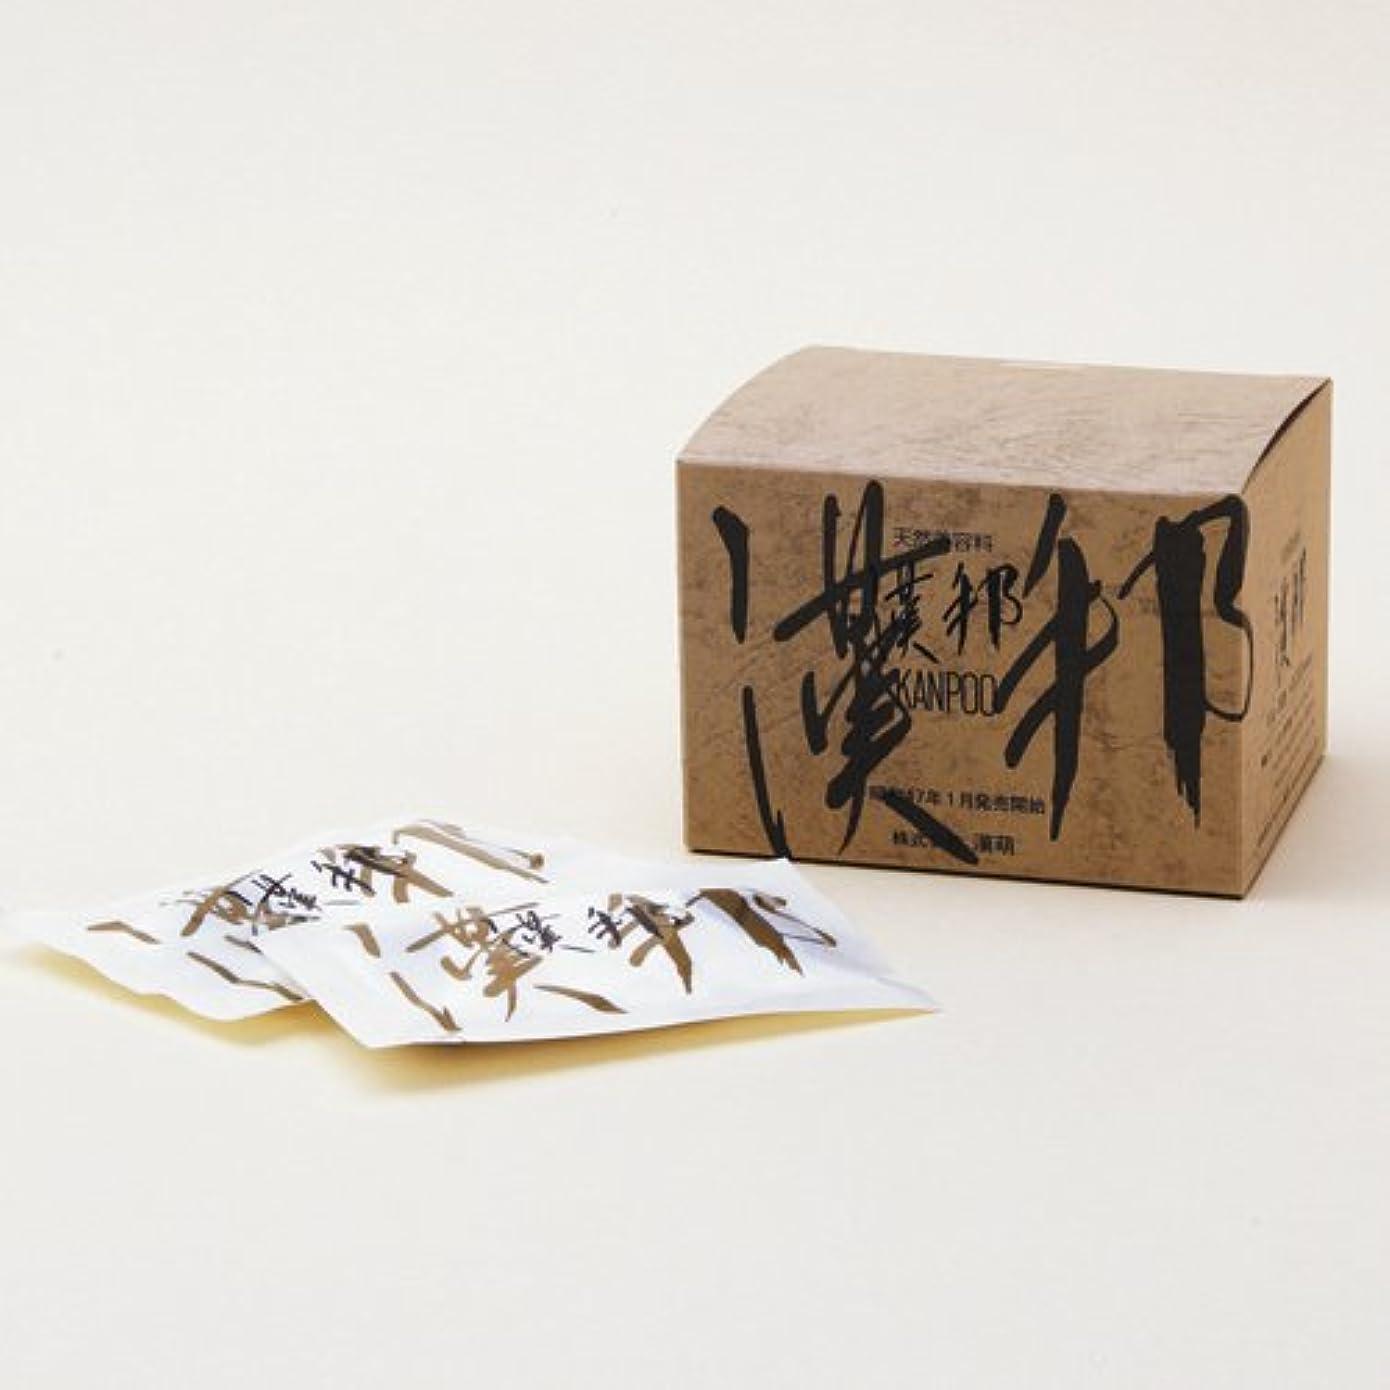 バイオリニスト黒人展示会漢萌(KANPOO) 漢邦ぬか袋(全肌活肌料) 熟成12年 10g×16袋